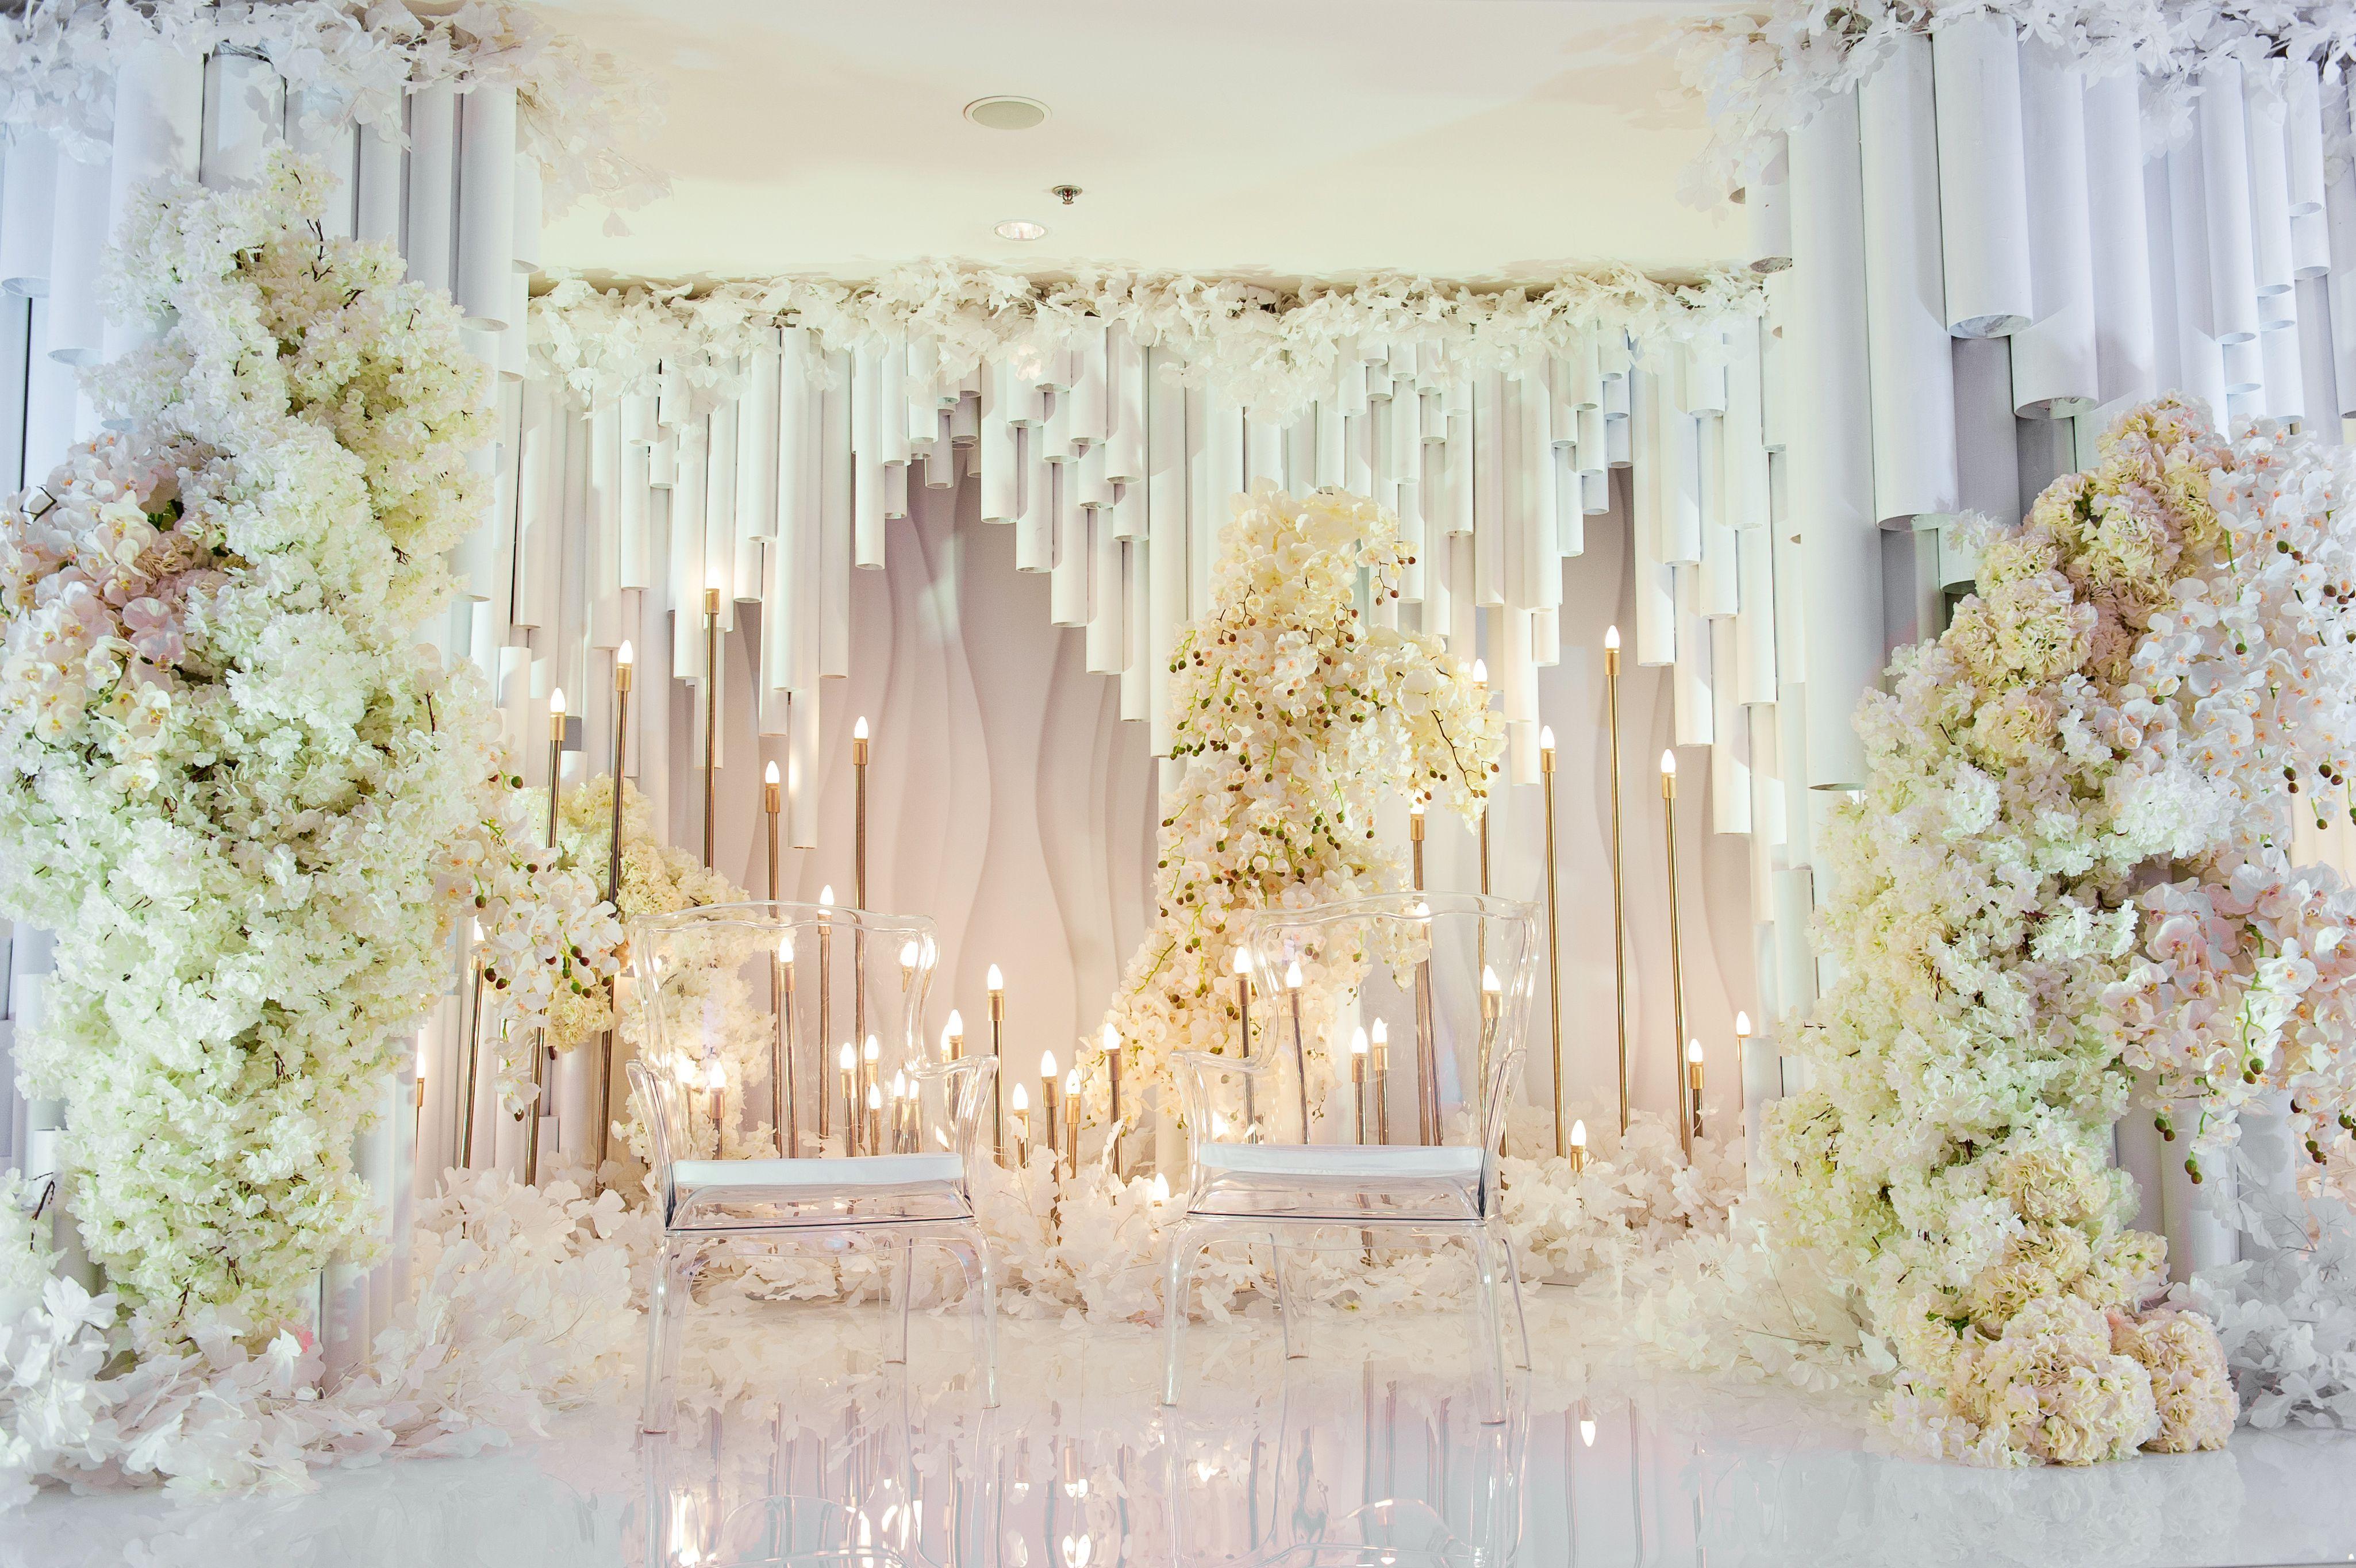 5 приемов для декора свадьбы зимой   Тематические свадьбы  Тематические Свадьбы Зимой